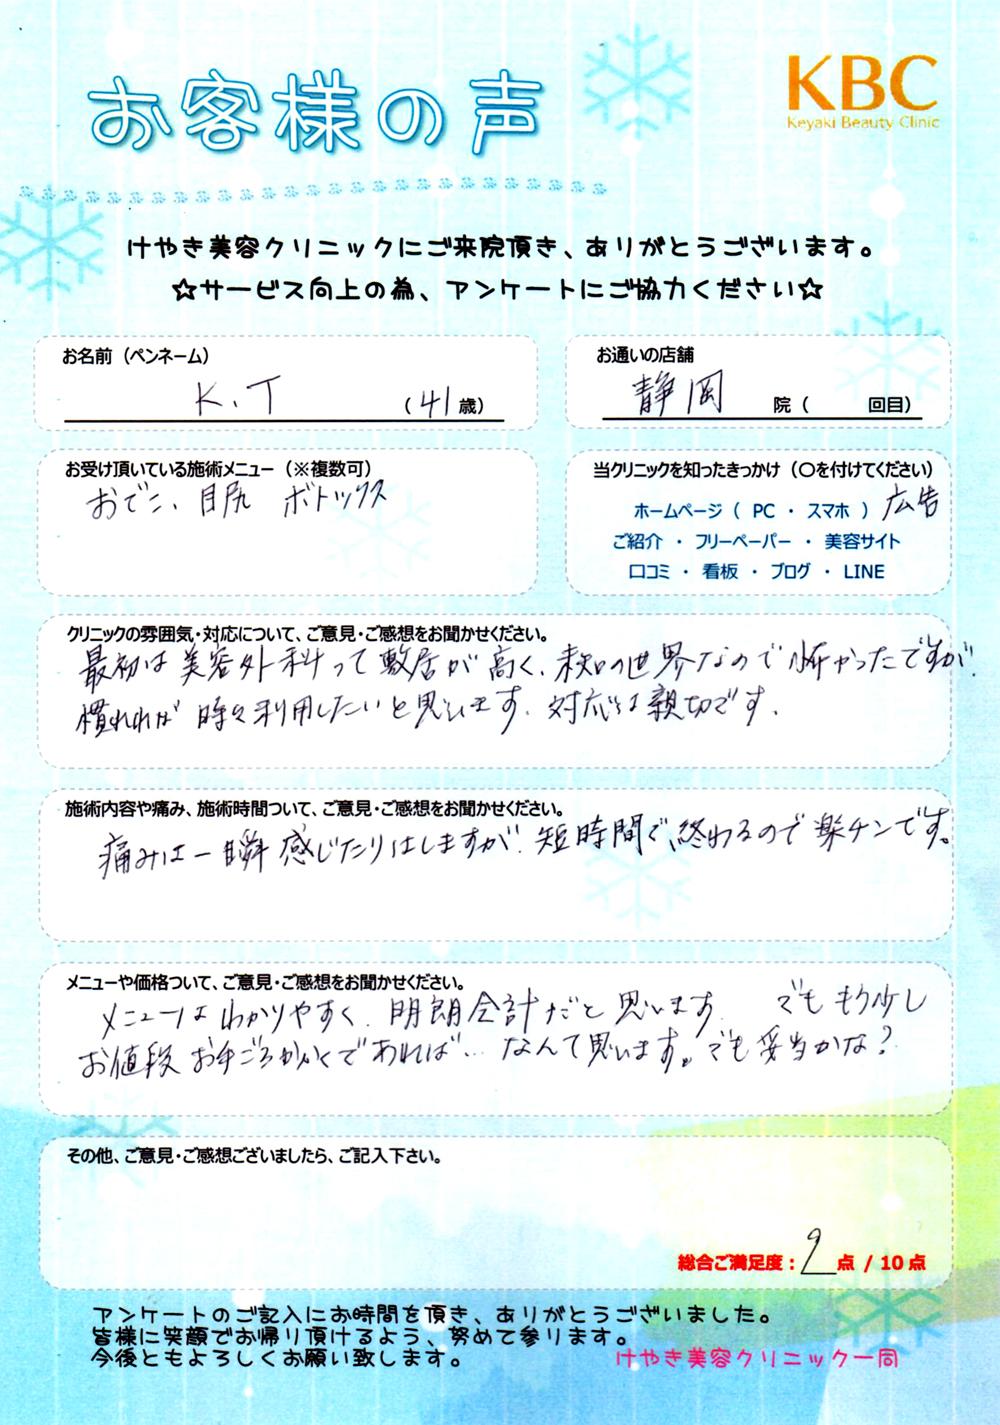 お客様からの声 No.002 ~ボトックス注射~